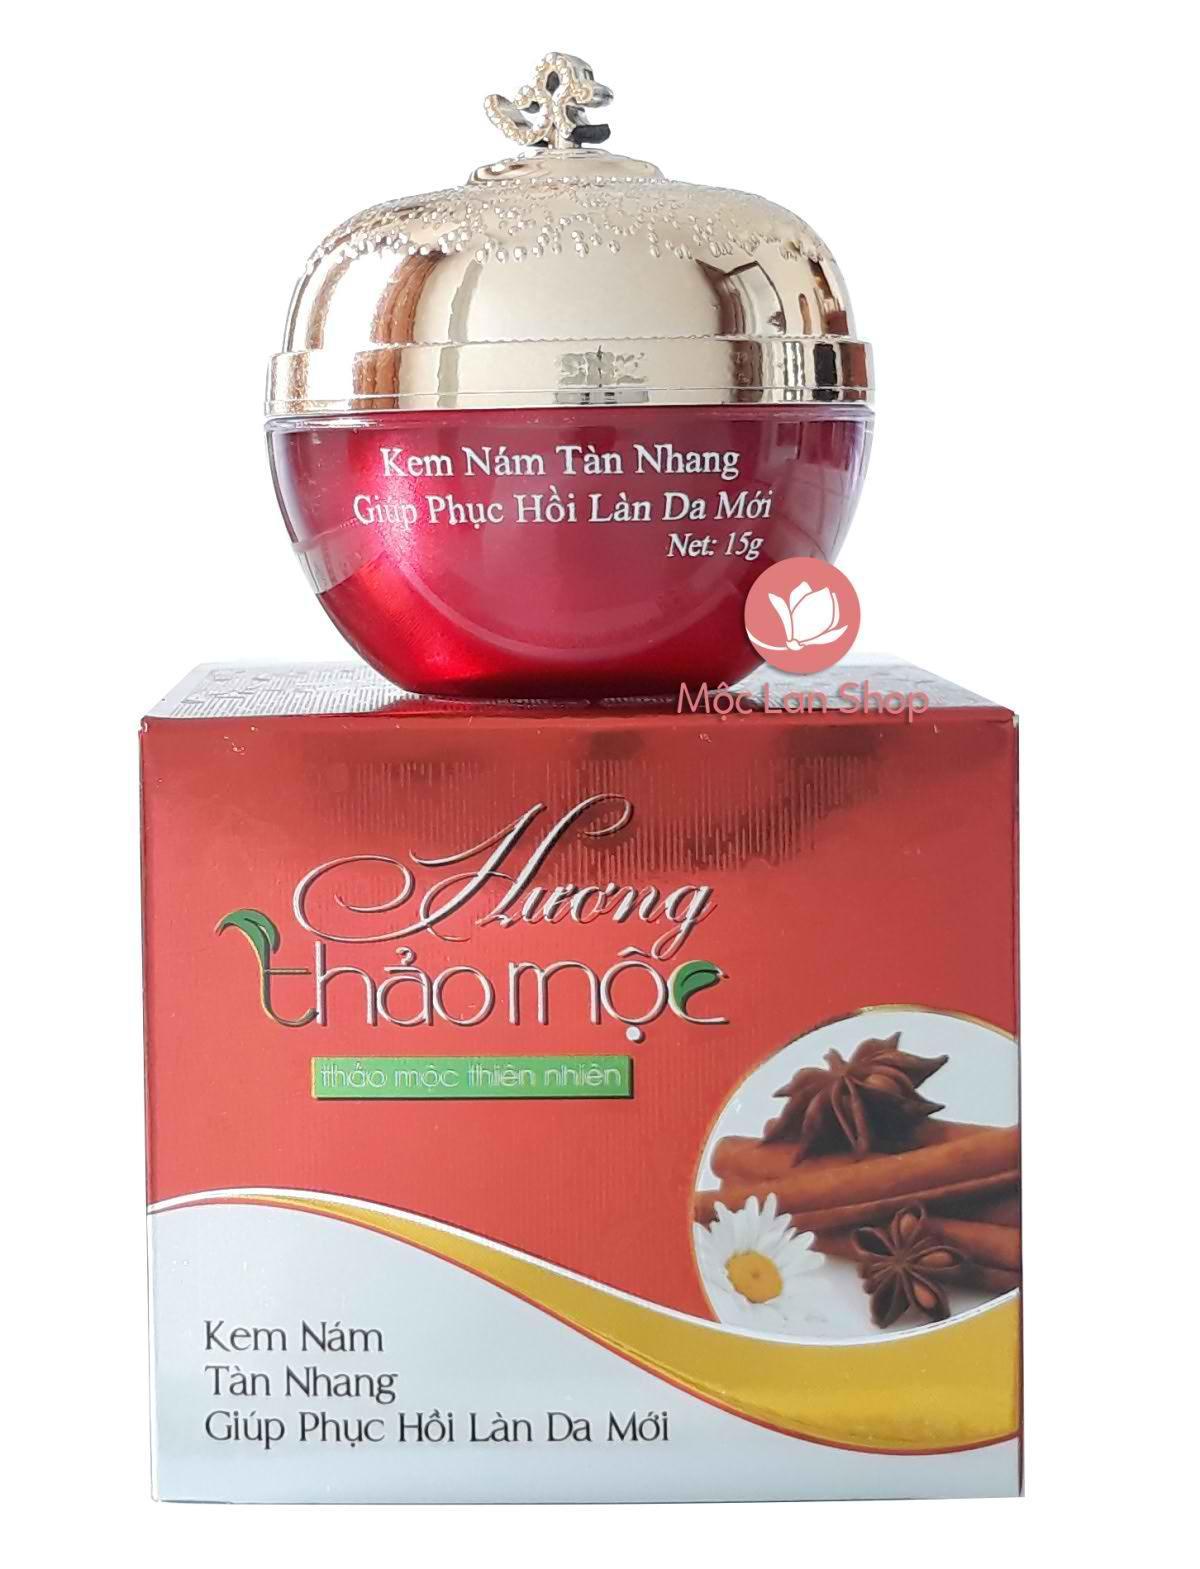 Kem Hương Thảo Mộc_kem nám, tàn nhang, giúp phục hồi làn da mới (15gr)